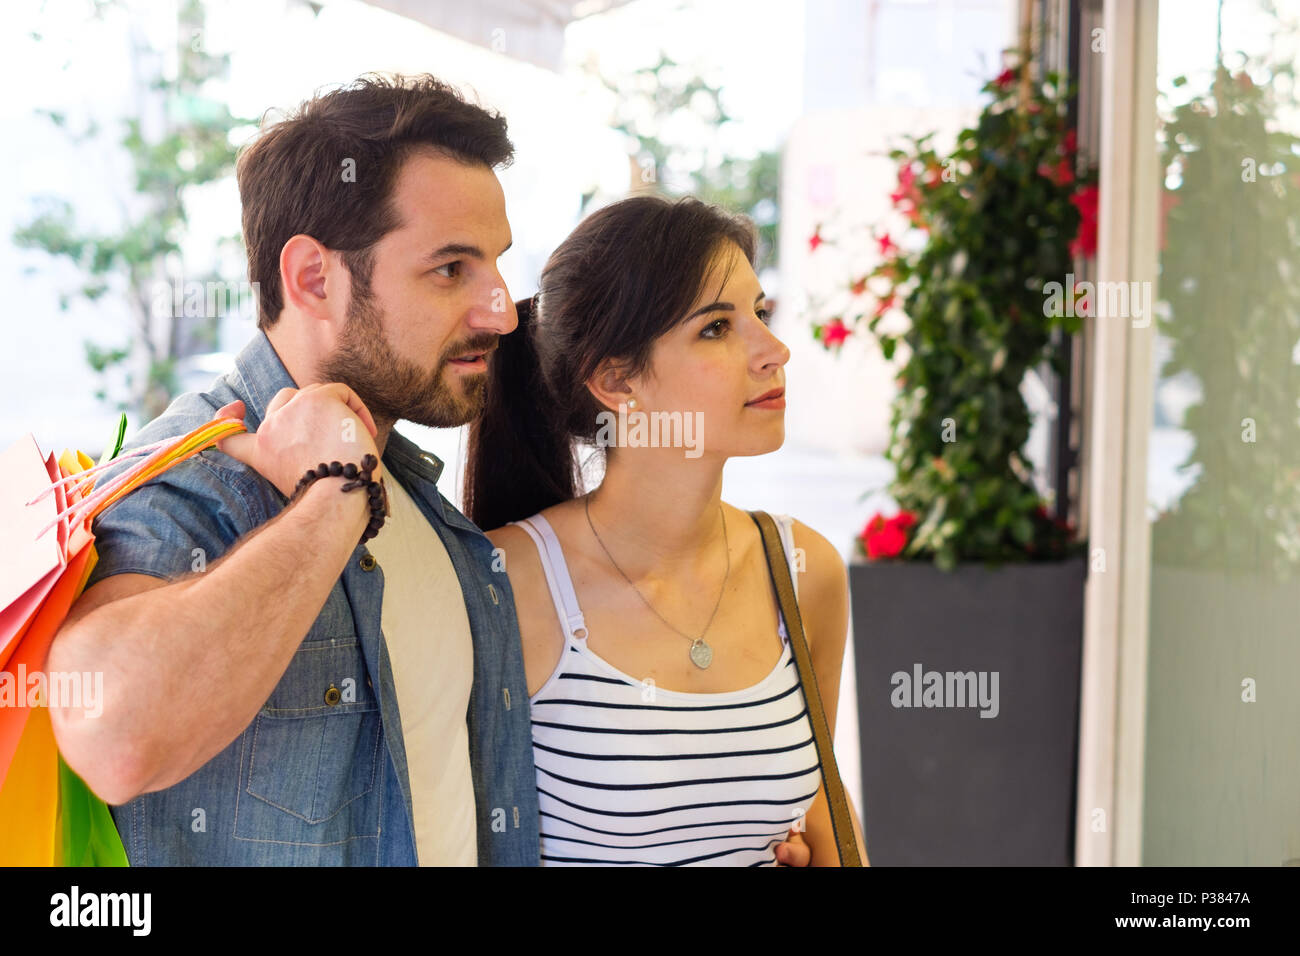 Junge glückliches Paar mit Einkaufstüten während der saisonalen Verkäufe Stockbild